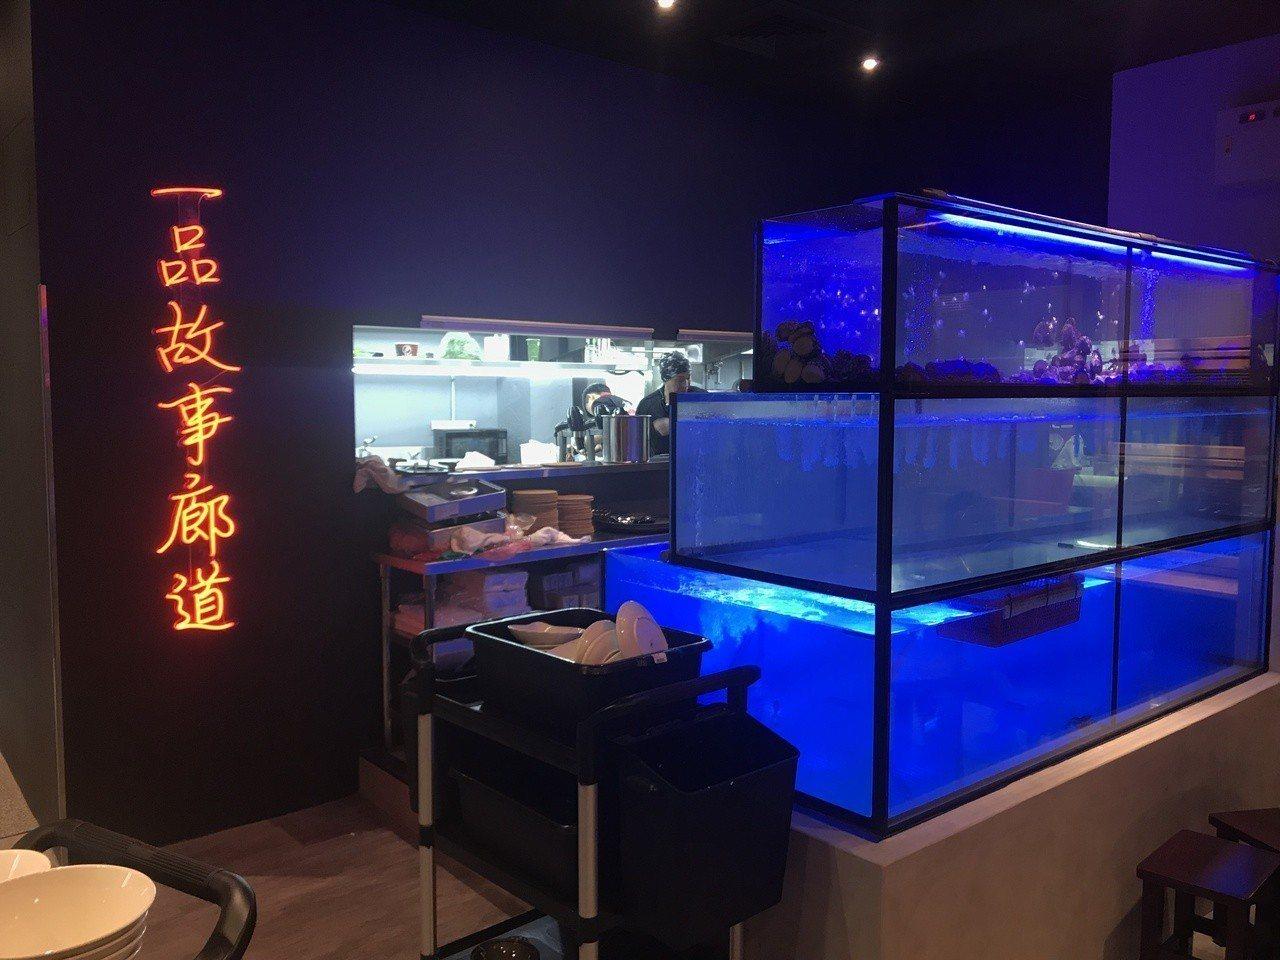 一品活蝦桃園店,店內隨處可見創辦人蕭文明創業故事。記者許政榆/攝影